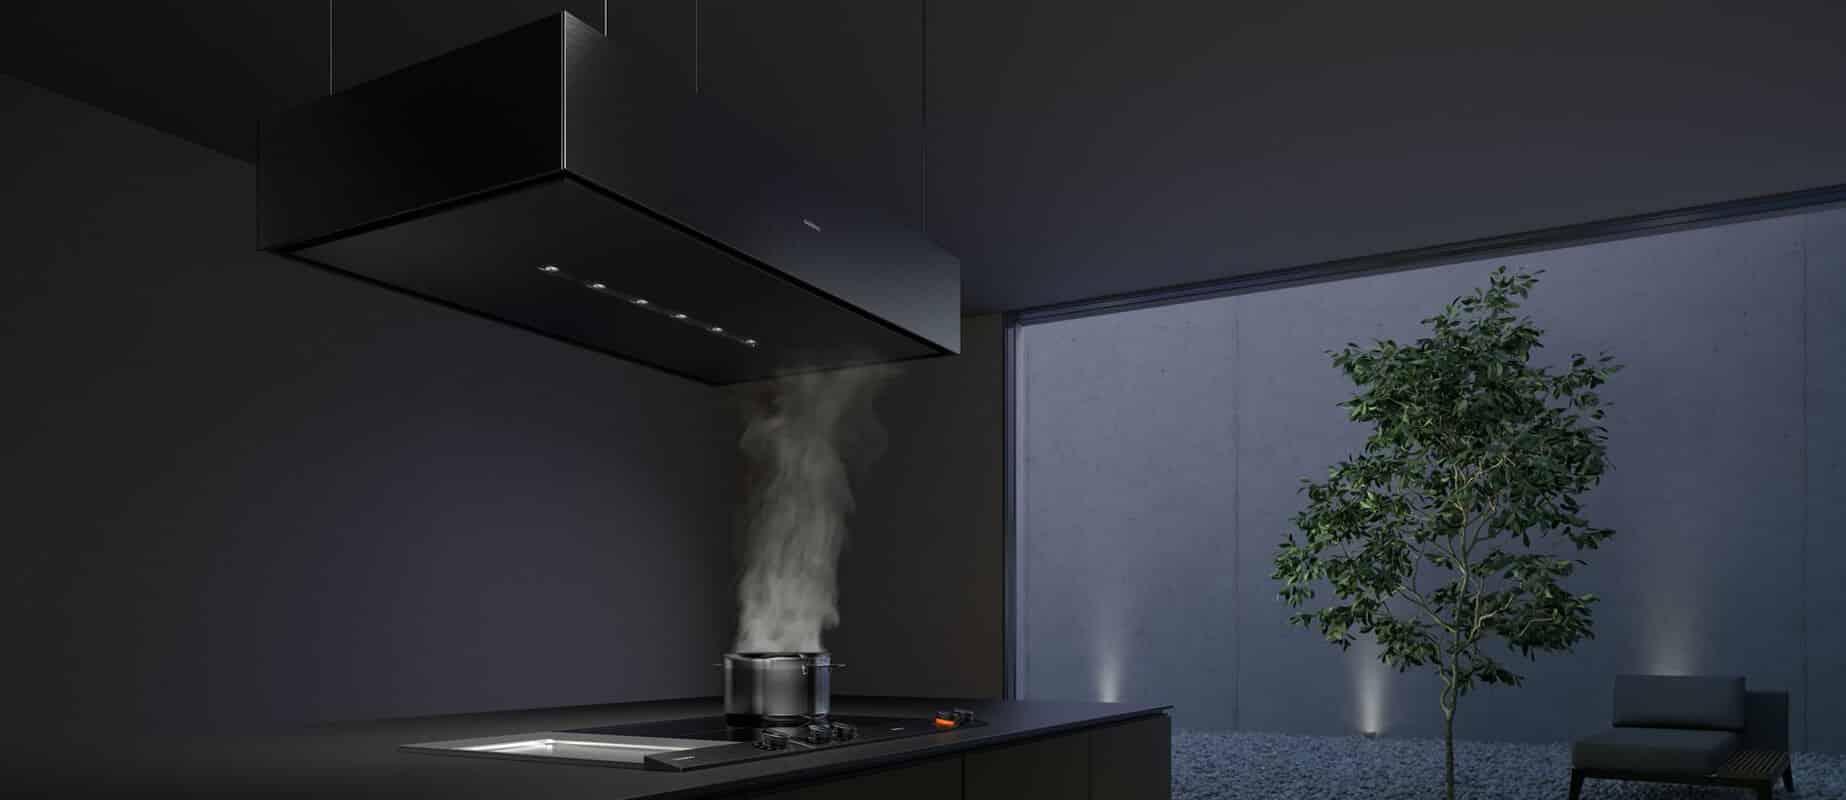 Design keuken gaggenau